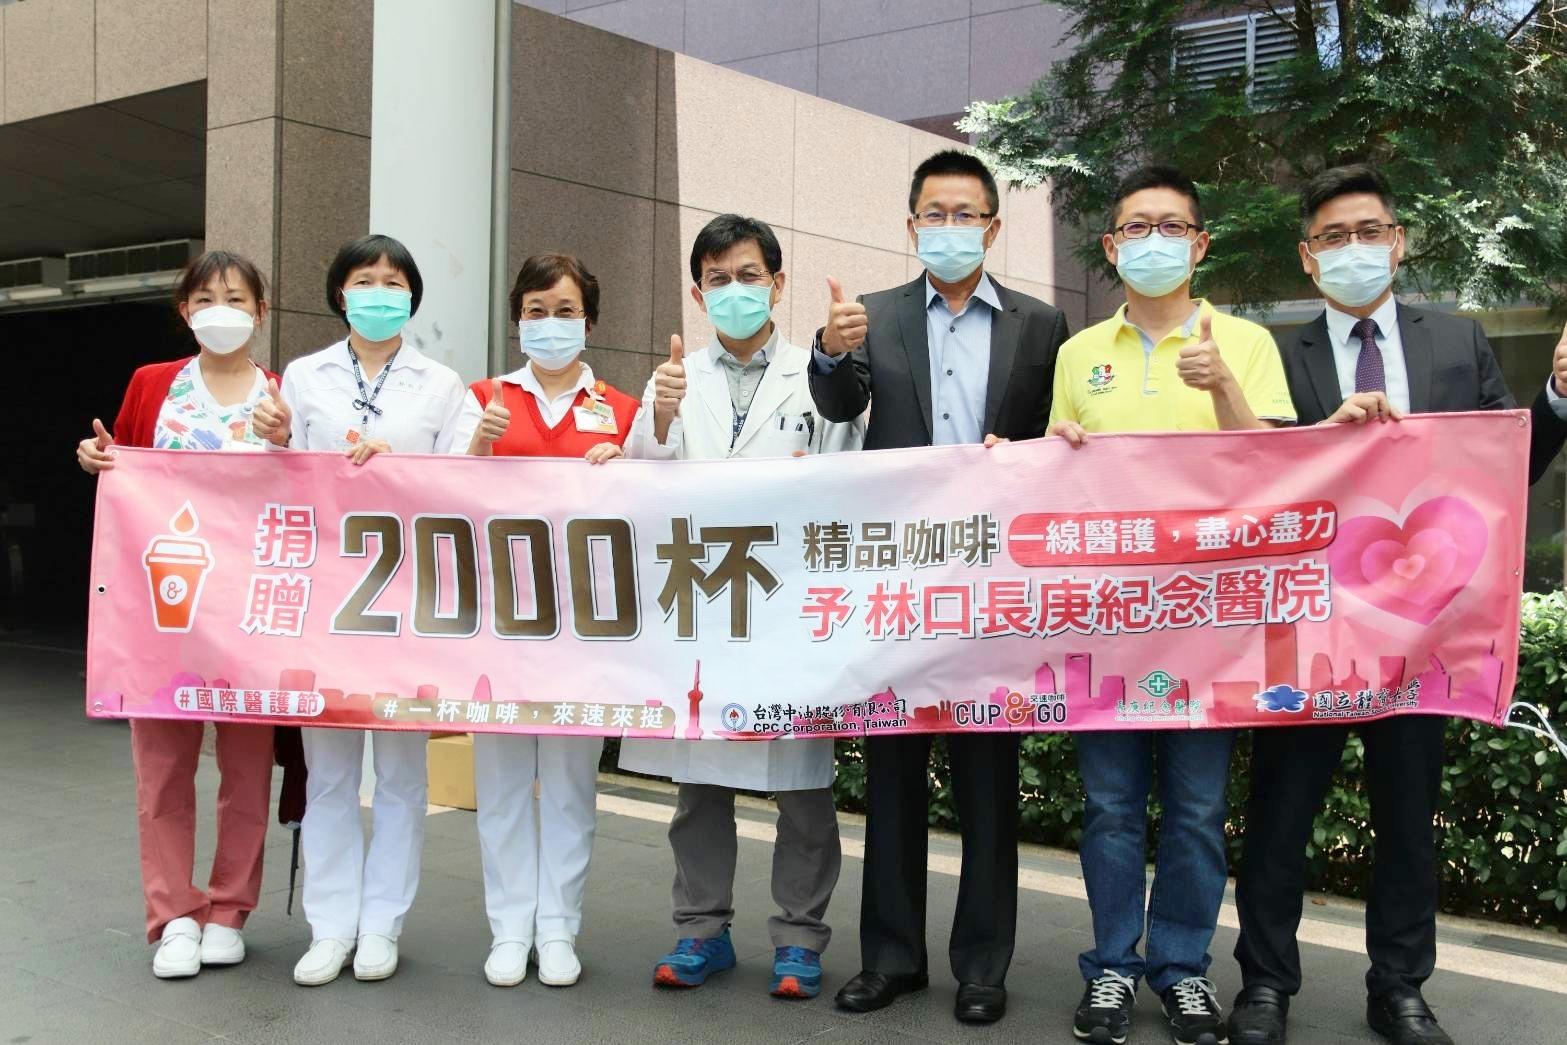 512國際護師節  台灣中油林口工三加油站捐贈來速咖啡  一起為防疫加油